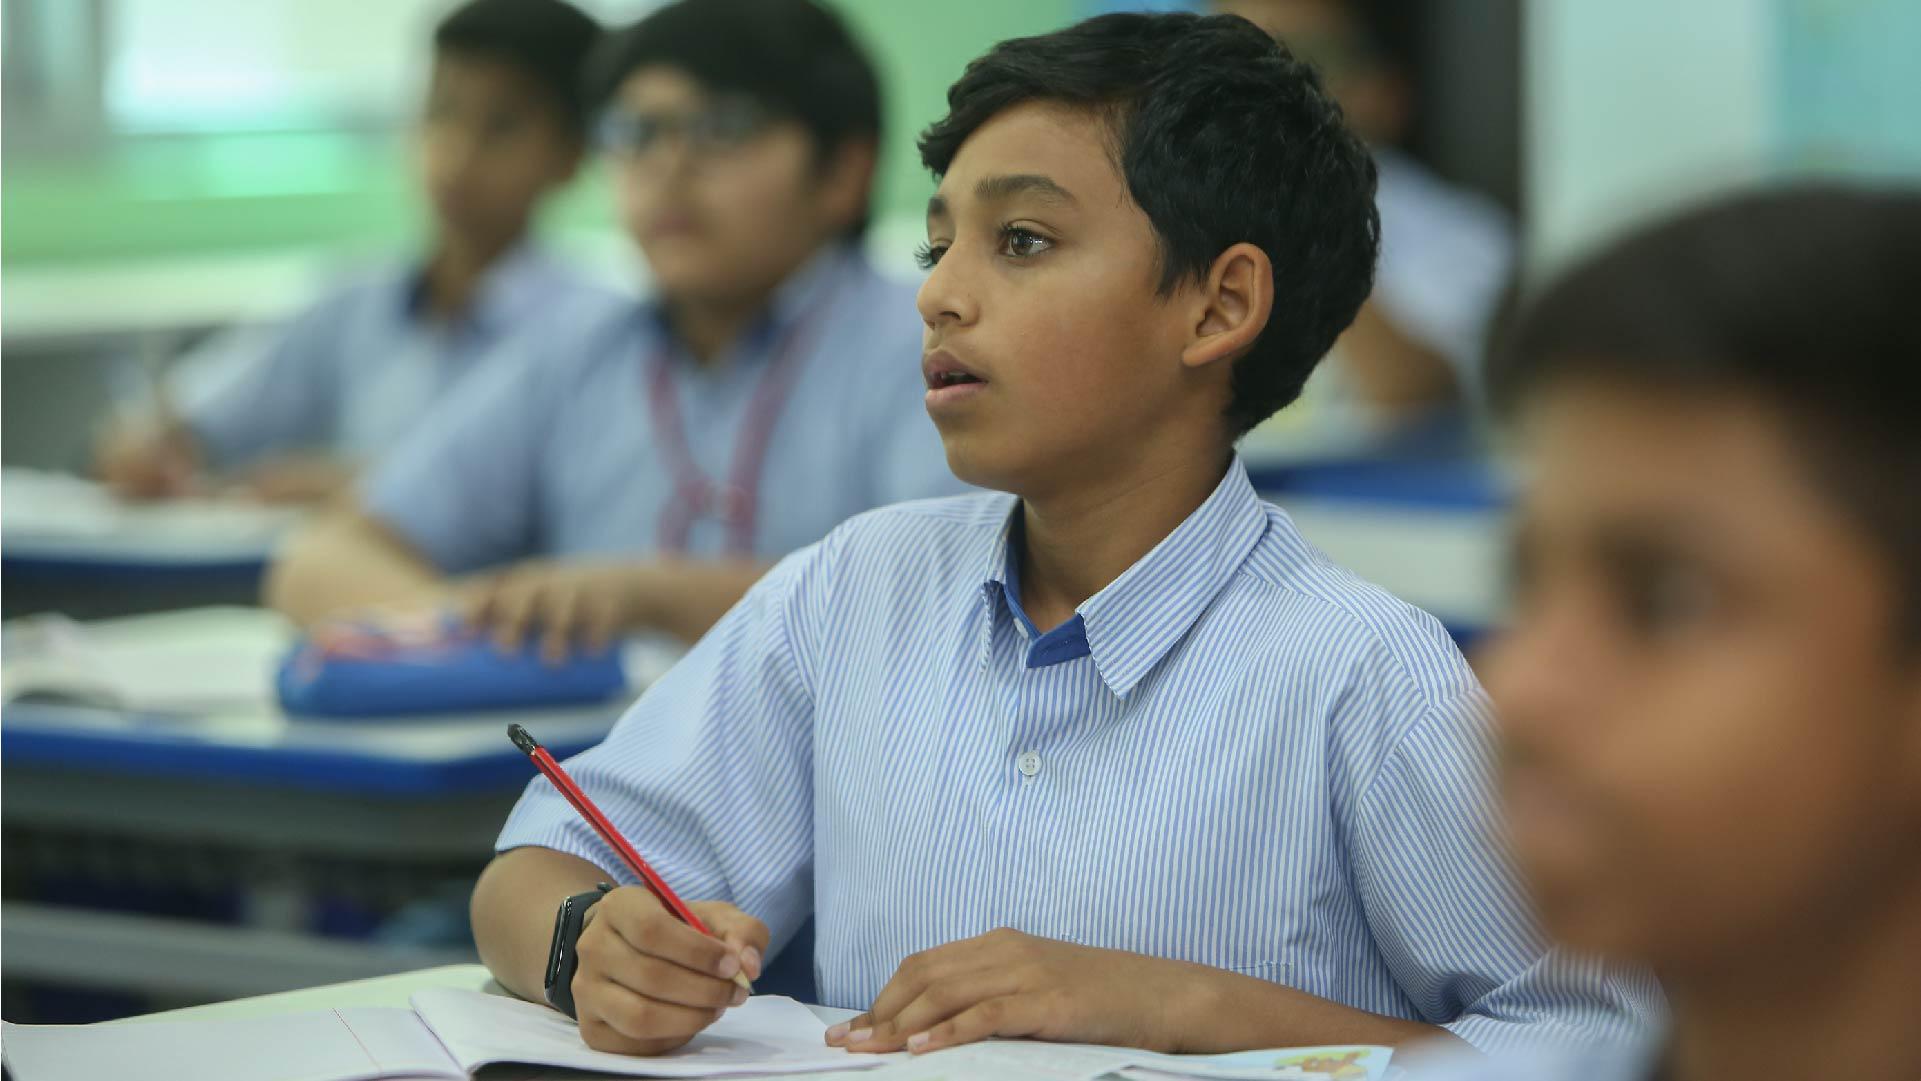 About GIIS Abu Dhabi school Faculty